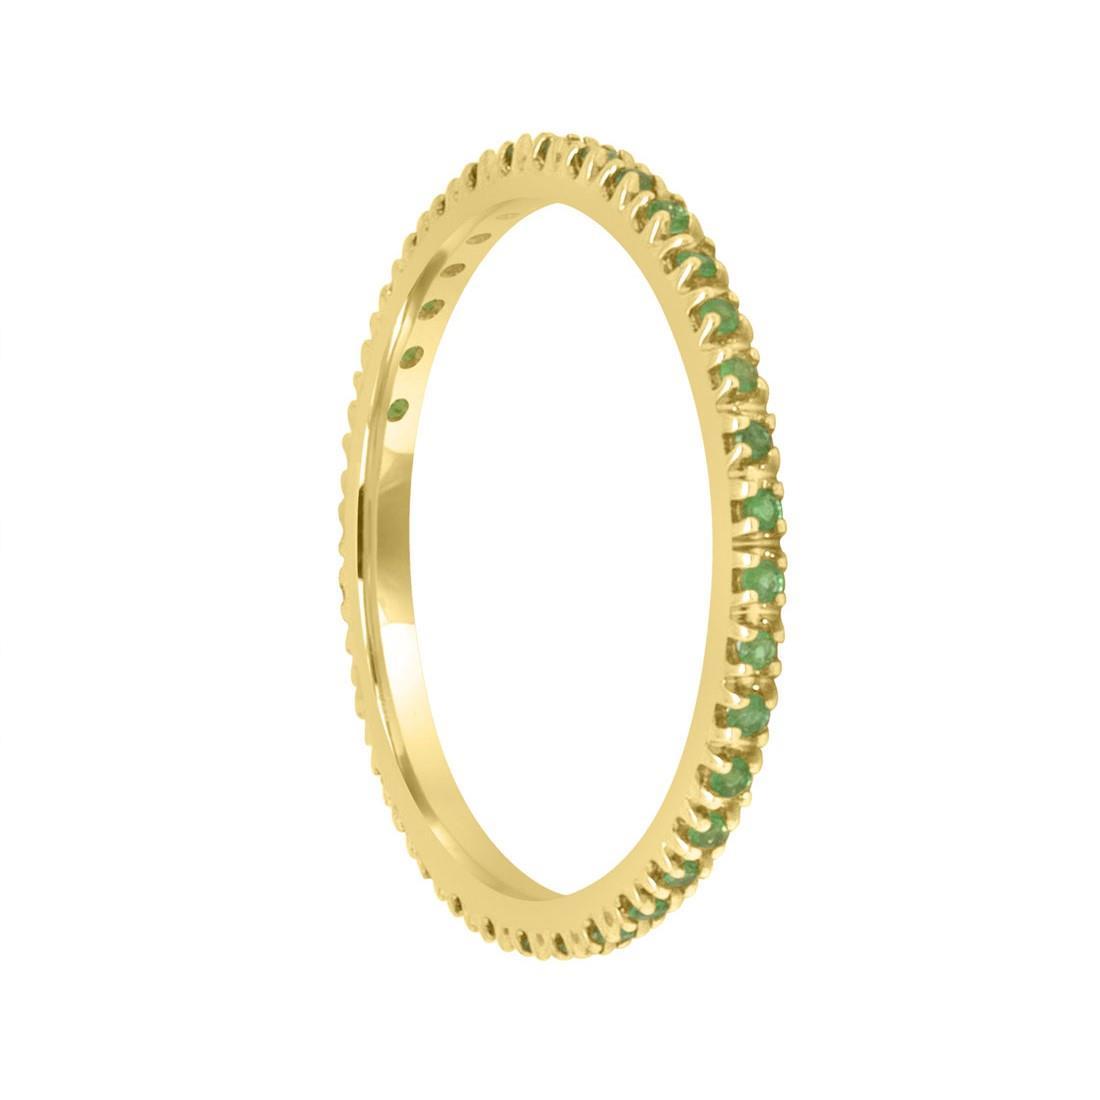 Anello veretta in oro con smeraldi mis 14 - ALFIERI & ST. JOHN